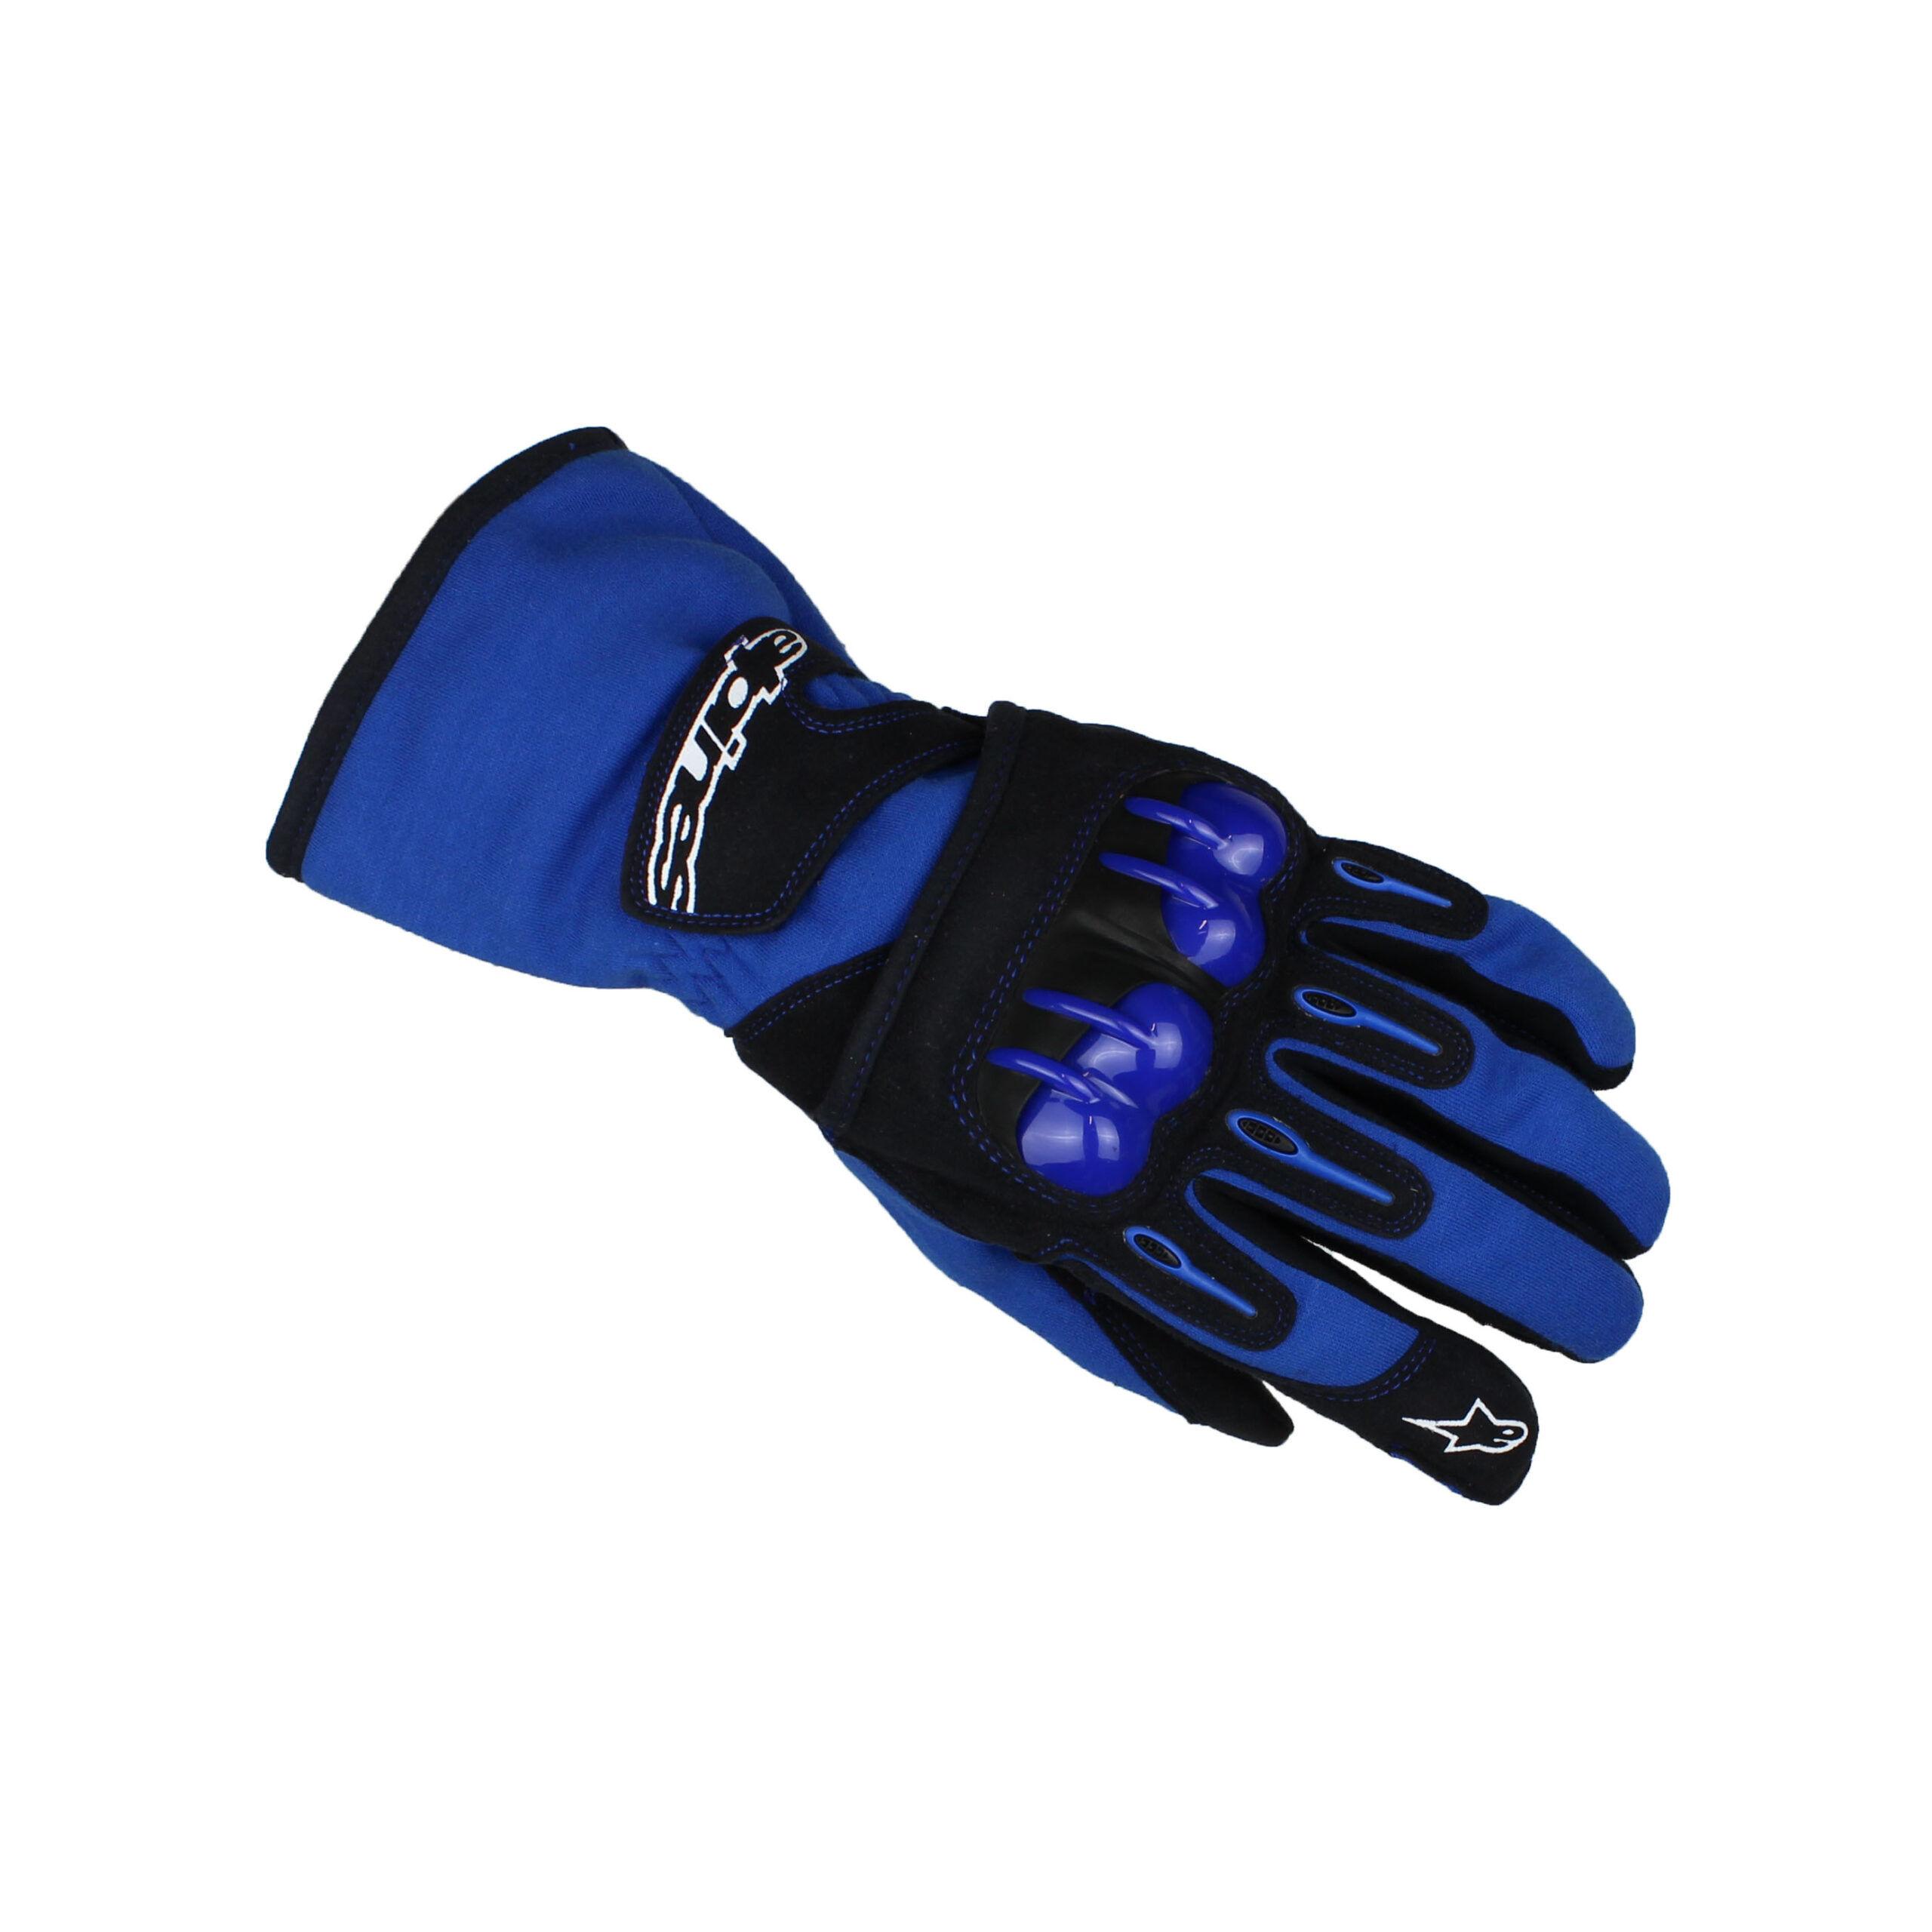 Alpinestars TECH 1-KV Karting Gloves Blue/Black